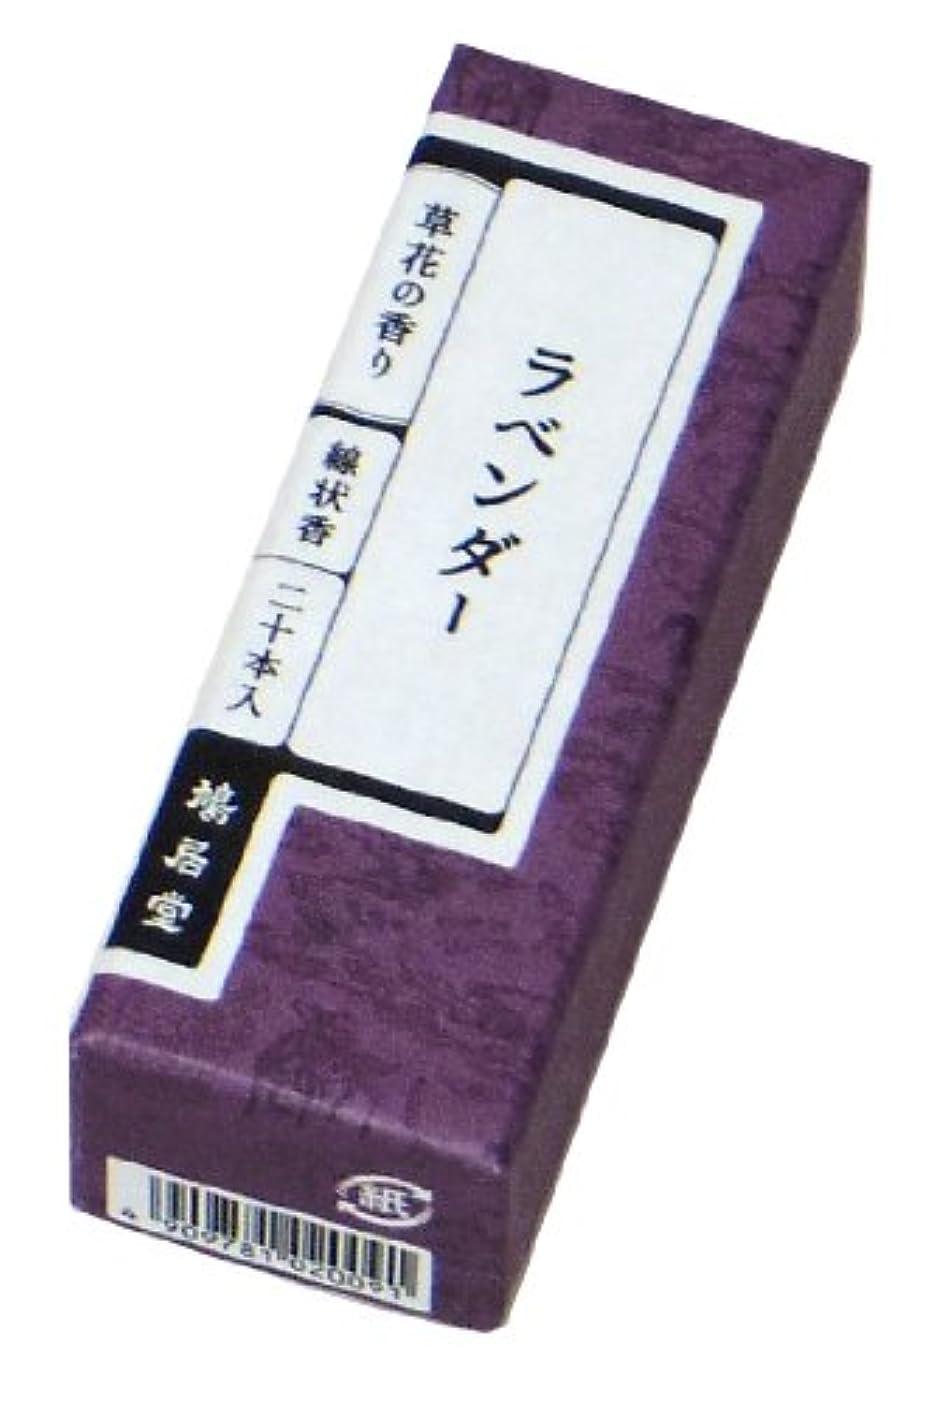 意識的局エロチック鳩居堂のお香 草花の香り ラベンダー 20本入 6cm